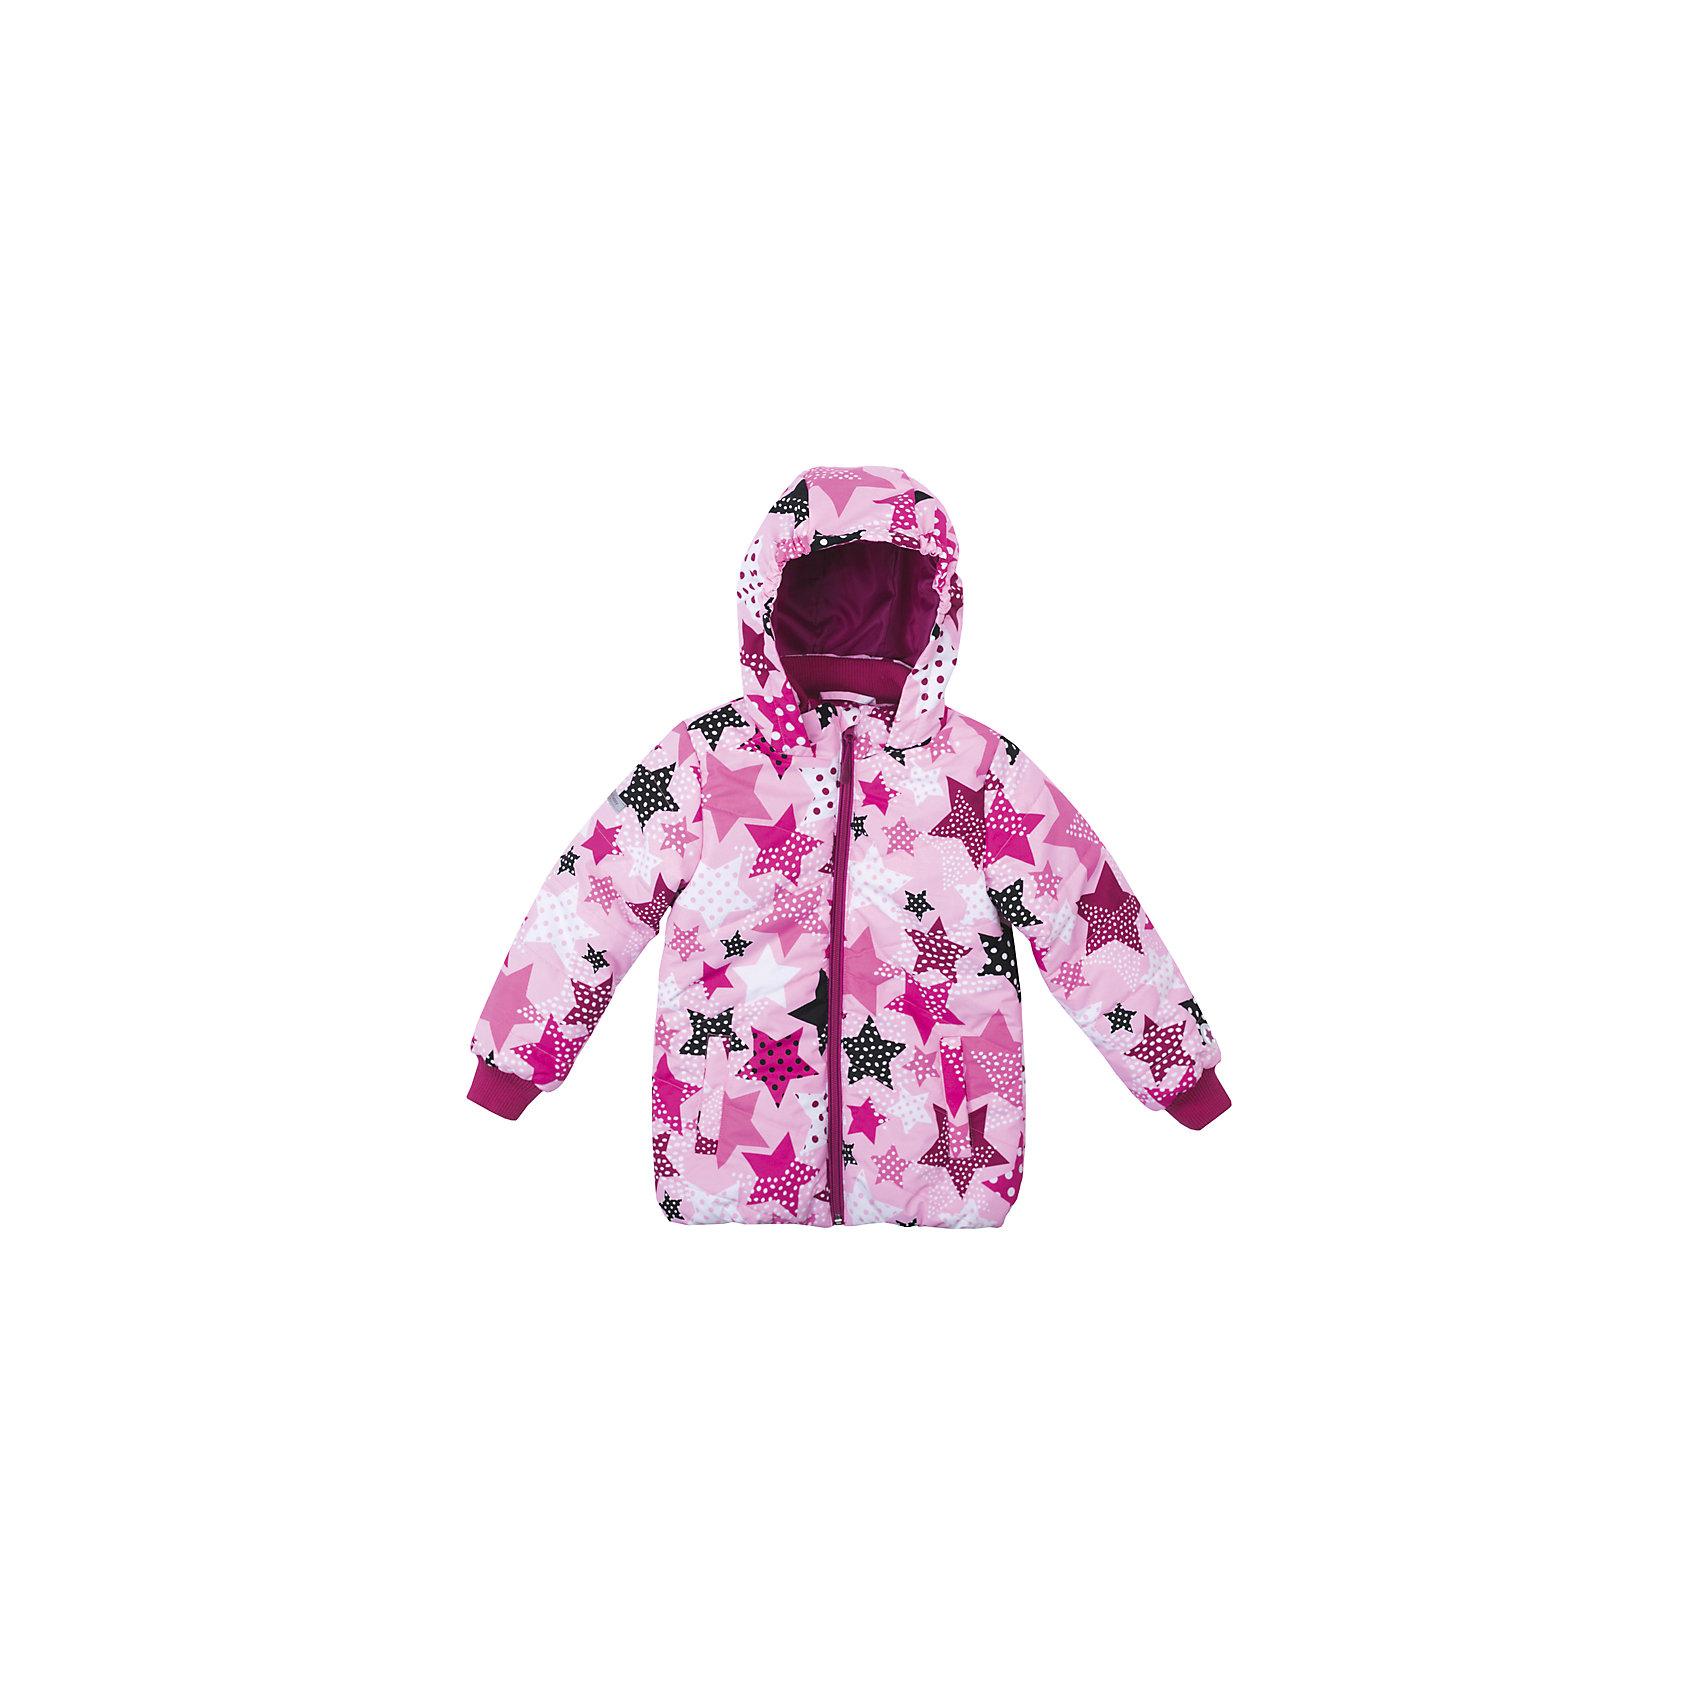 Куртка для девочки PlayTodayДемисезонные куртки<br>Куртка для девочки PlayToday<br>Яркая стильная стеганая утепленная куртка со специальной водоотталкивающей пропиткой защитит Вашего ребенка в любую погоду!  Мягкие трикотажные резинки на рукавах защитят Вашего ребенка - ветер не сможет проникнуть под куртку.  Специальный карман для фиксации застежки-молнии не позволит застежке травмировать нежную детскую кожу. За счет мягких резинок, капюшон не упадет с головы даже во время активных игр. Светоотражатели на рукаве и по низу изделия позволят видеть Вашего ребенка даже в темное время суток. <br><br>Преимущества: <br><br>Защита подбородка. Специальный карман для фиксации застежки-молнии. Наличие данного кармана не позволит застежке -молнии травмировать нежную кожу ребенка<br>Водоооталкивающая пропитка <br>Мягкие трикотажные резинки на рукавах <br><br>Состав:<br>Верх: 100% полиэстер, Подкладка: 100% полиэстер, Наполнитель: 100% полиэстер, 150 г/м2<br><br>Ширина мм: 356<br>Глубина мм: 10<br>Высота мм: 245<br>Вес г: 519<br>Цвет: разноцветный<br>Возраст от месяцев: 60<br>Возраст до месяцев: 72<br>Пол: Женский<br>Возраст: Детский<br>Размер: 116,122,128,98,104,110<br>SKU: 5403788